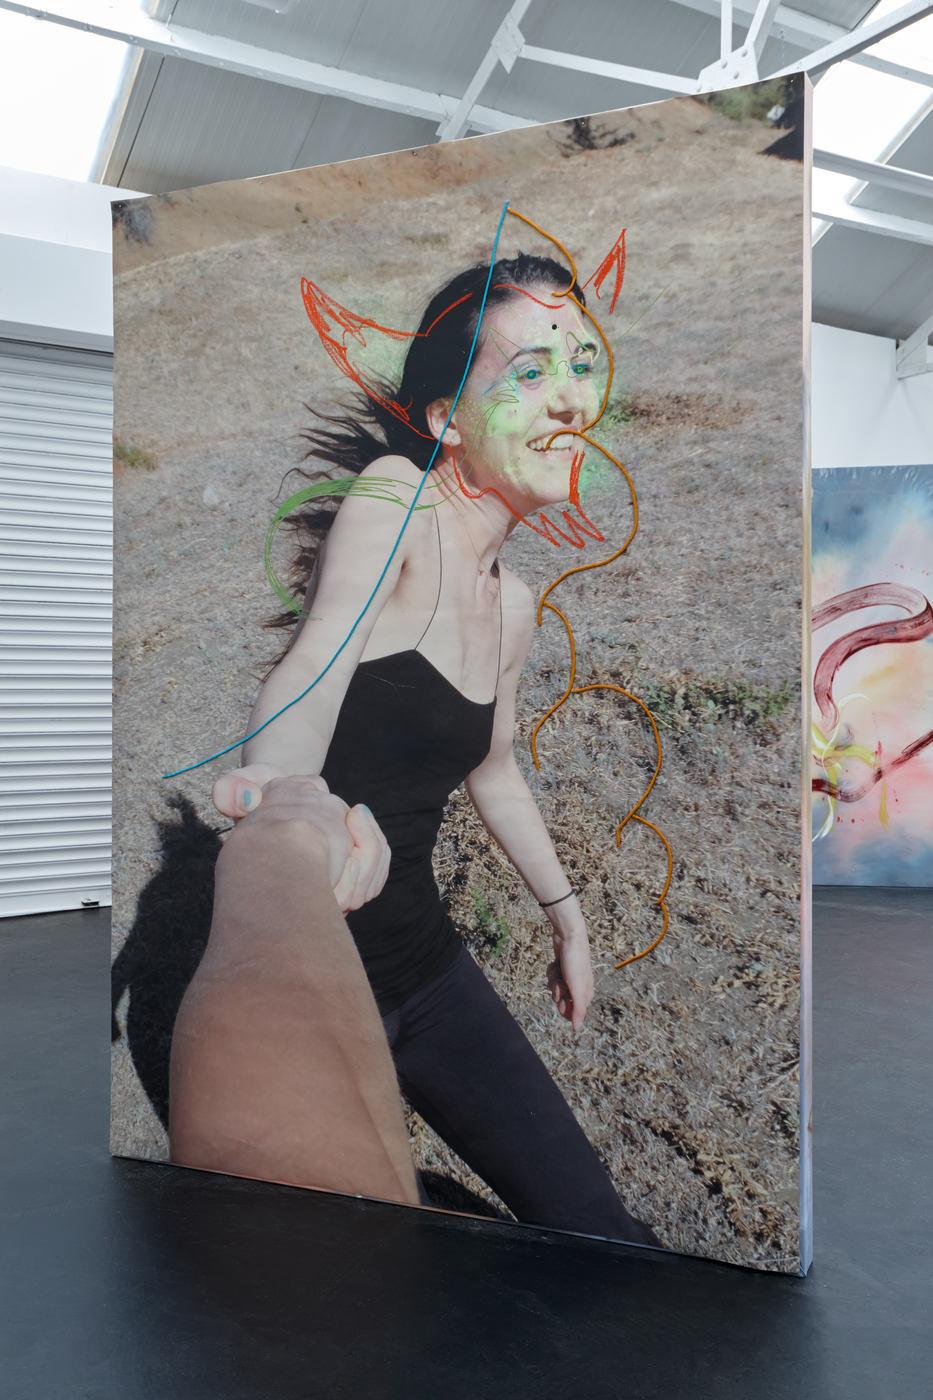 04. Nora Berman - Nora Orb (Calabasas spin), 2016 (ii)